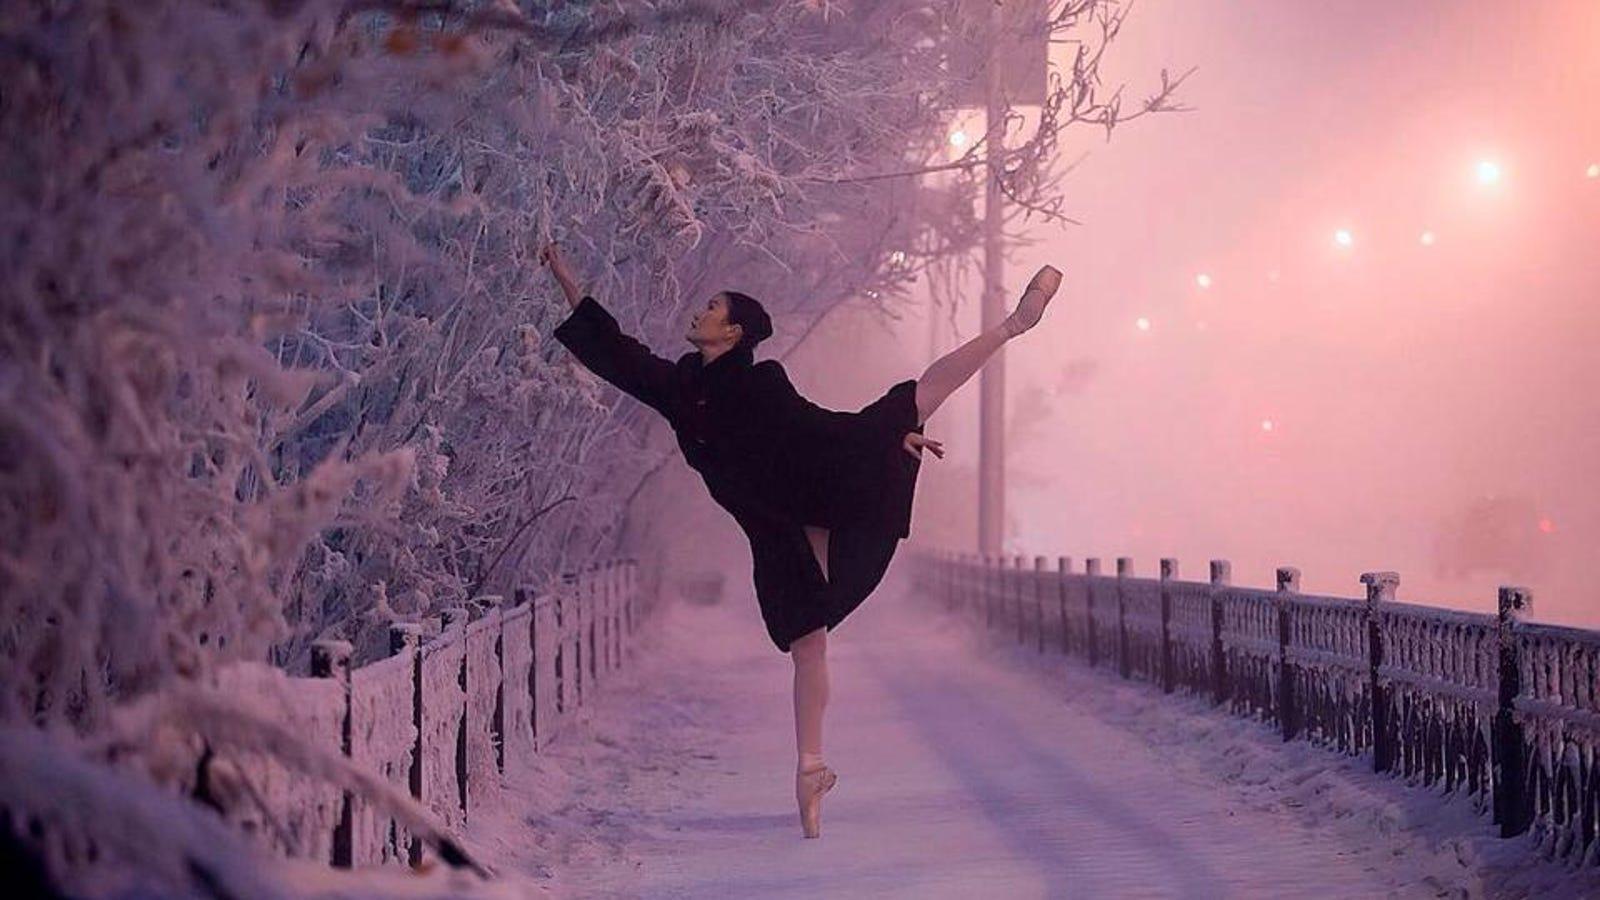 Así es vivir a 62 grados bajo cero. Las temperaturas de este pueblo ruso han bajado tanto que han roto los termómetros